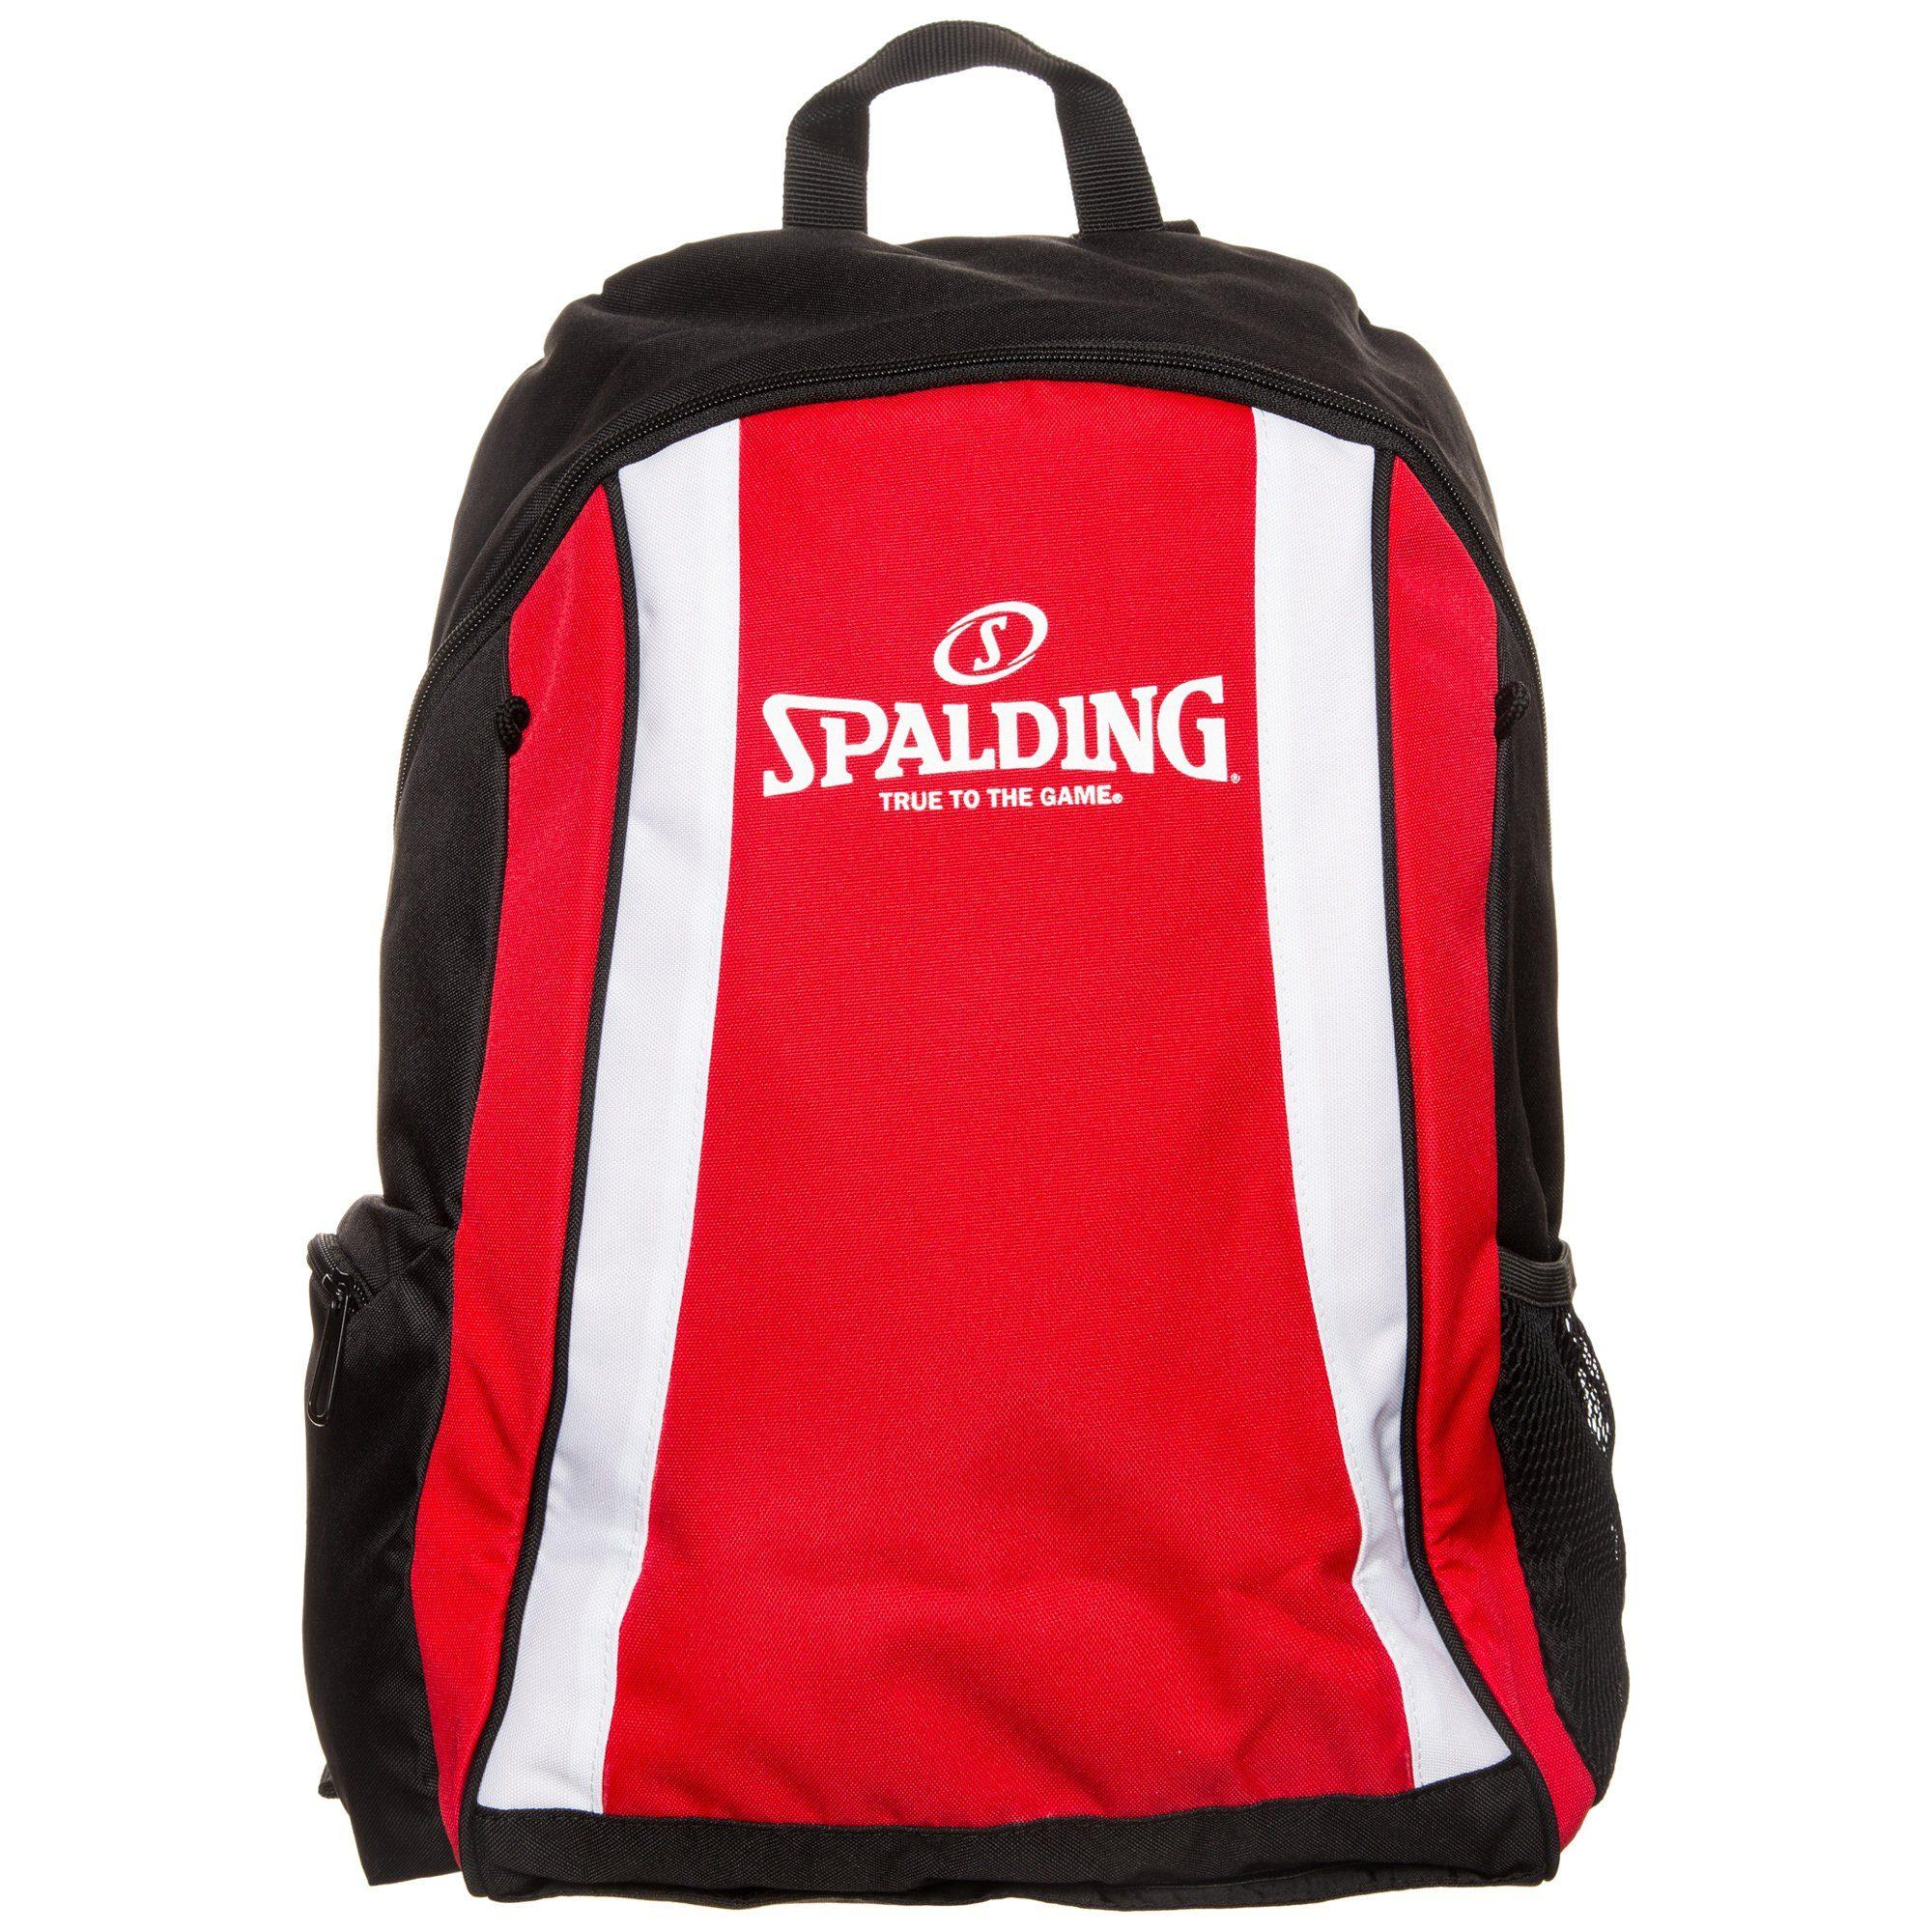 SPALDING Backpack Rucksack Kinder